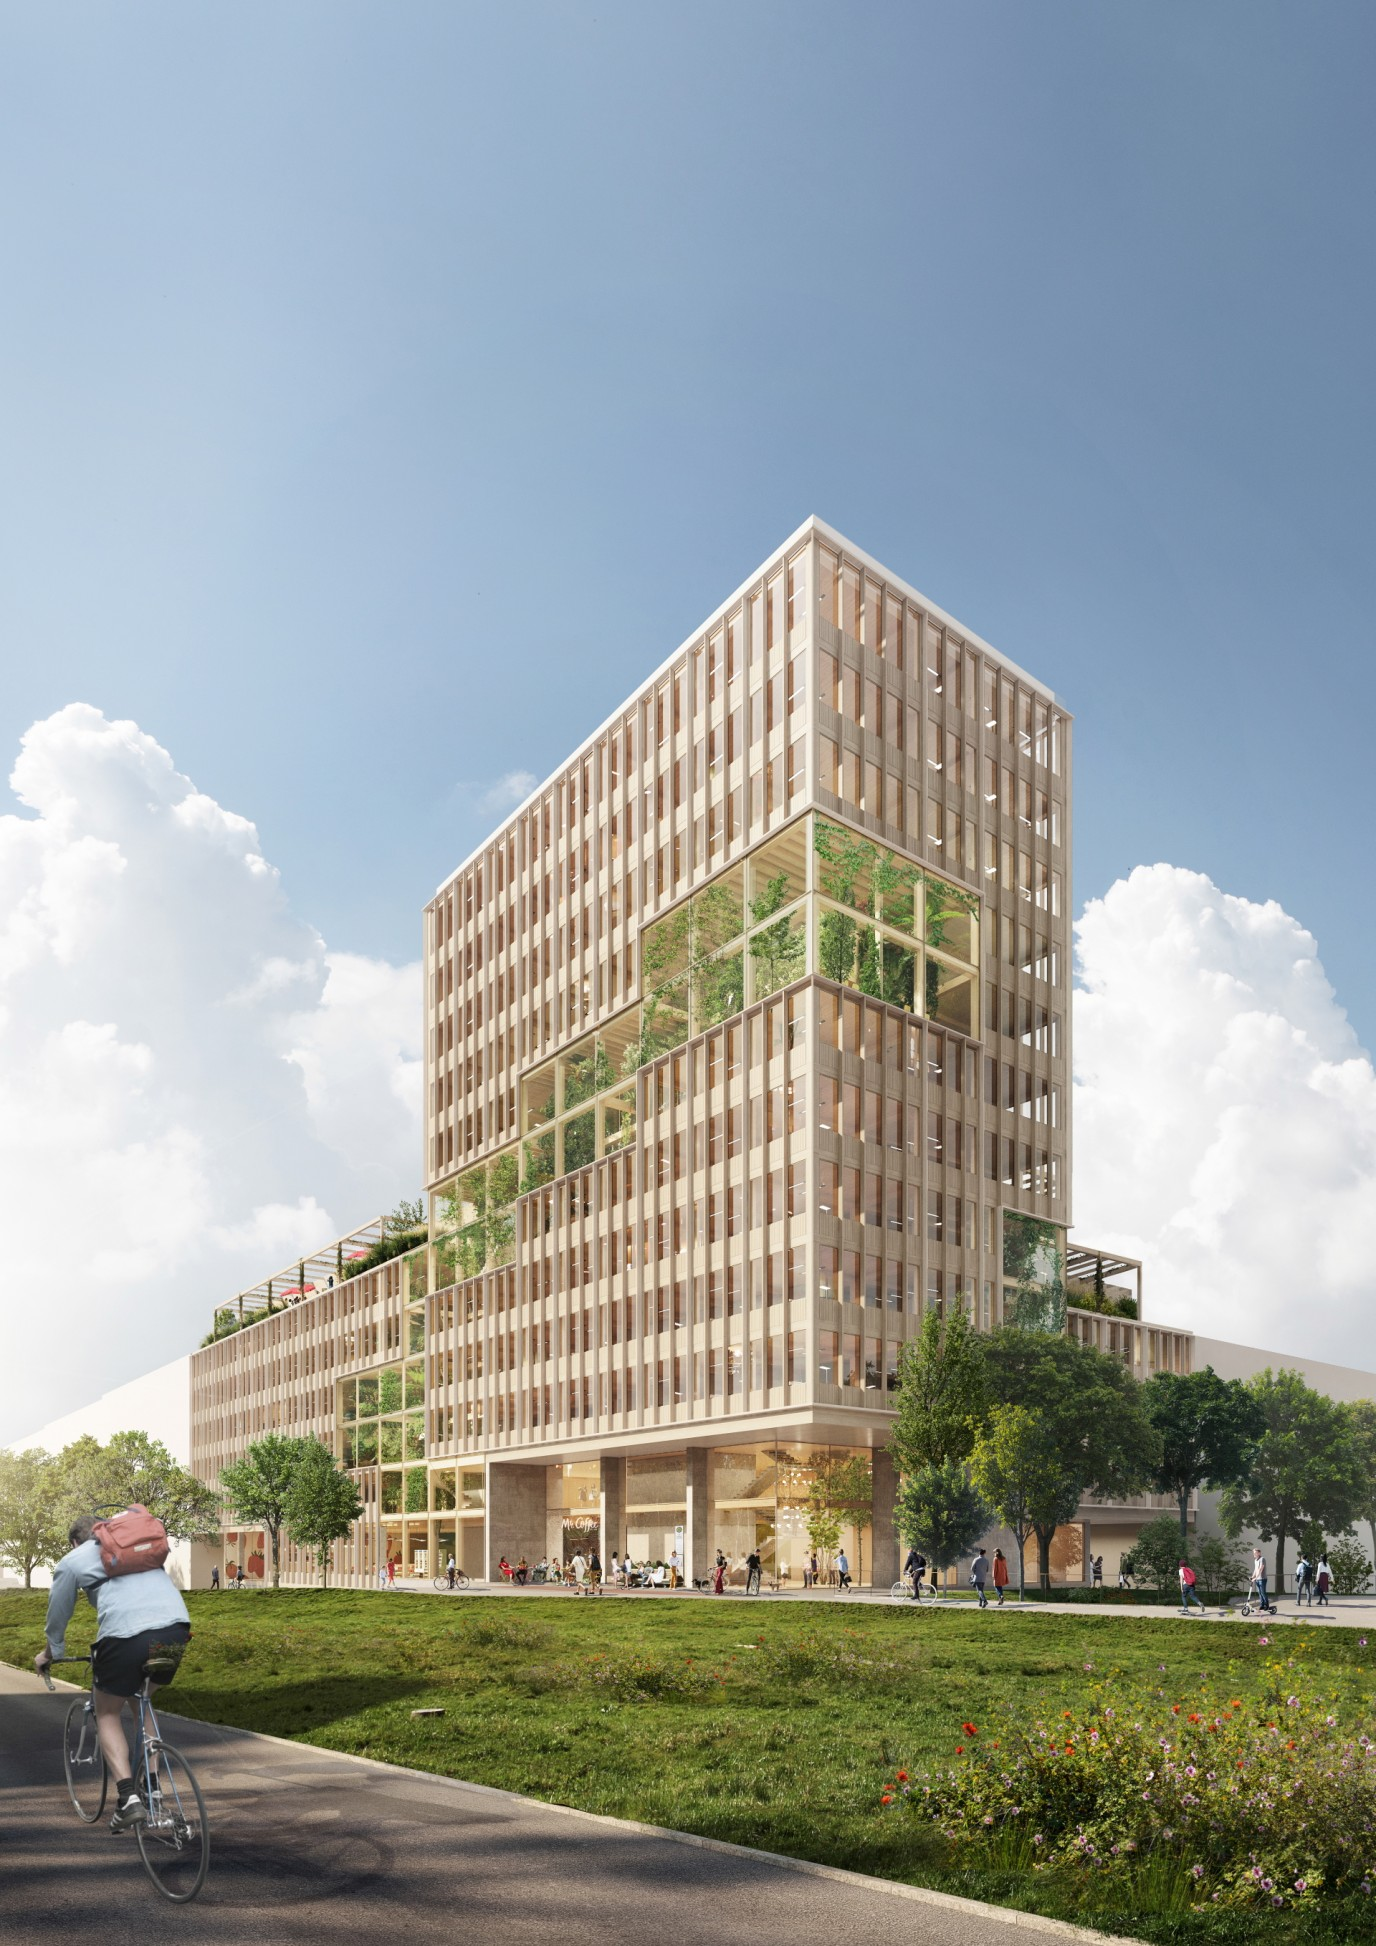 2. Platz Architektur-Wettbewerb UmweltBank